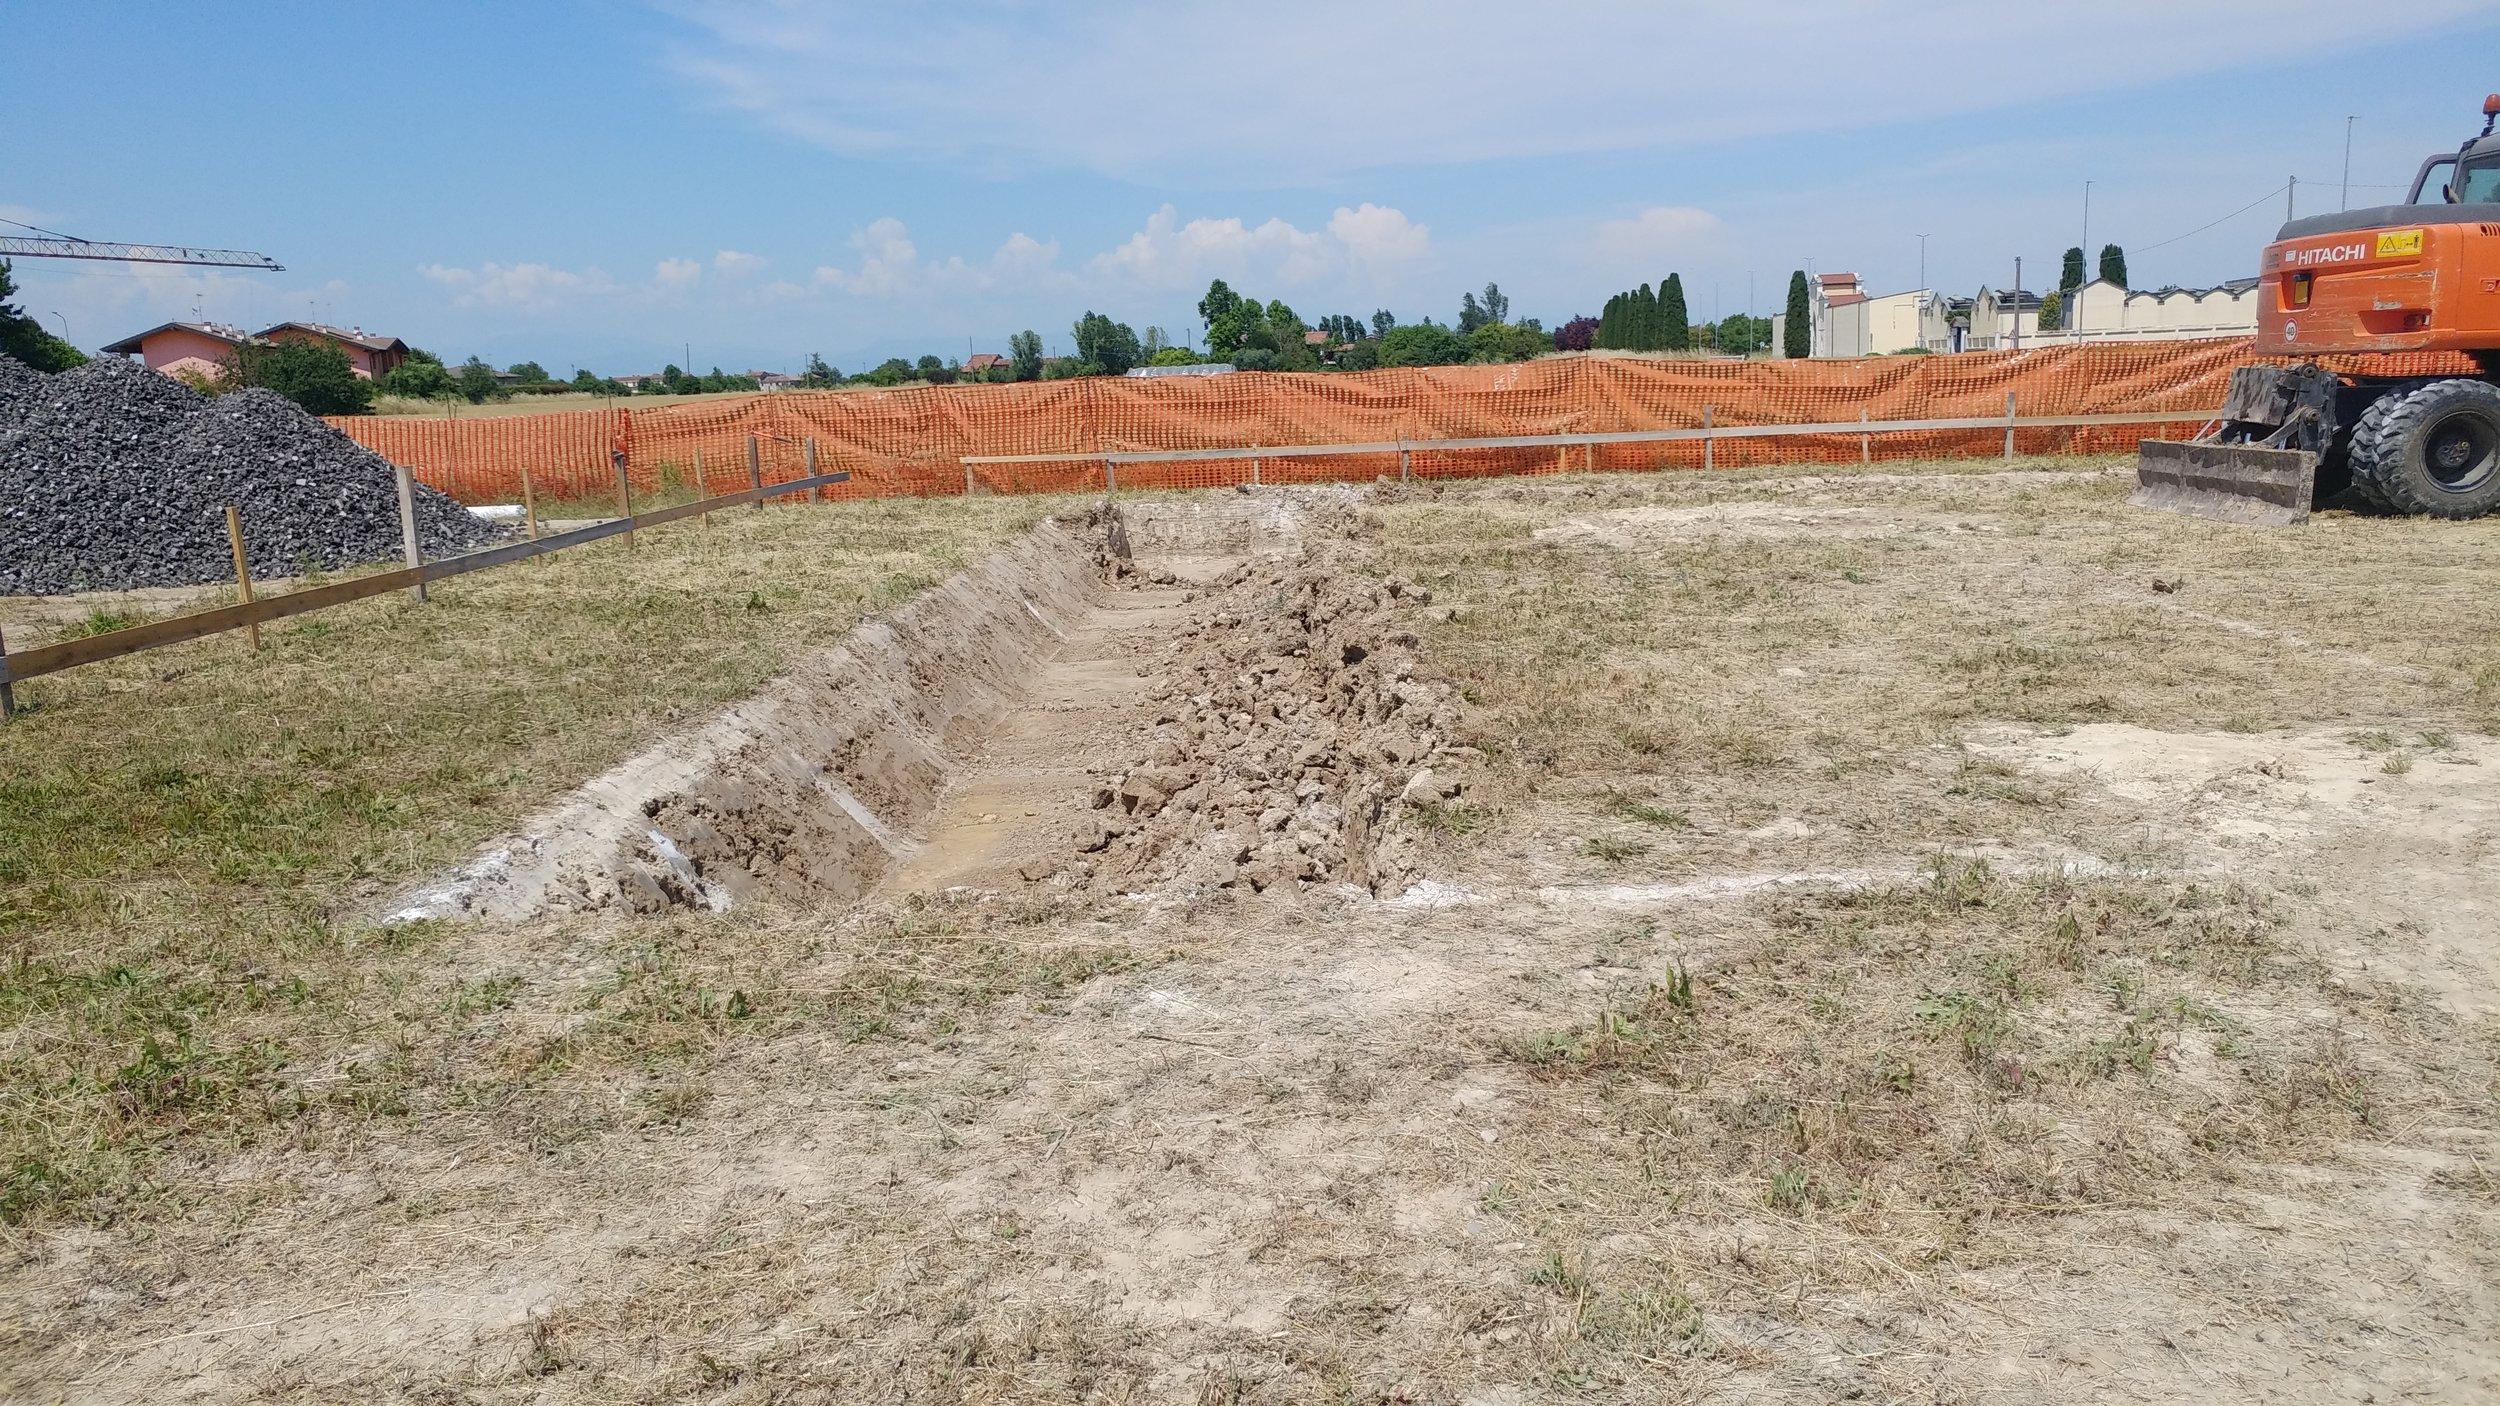 Dettaglio della sponda inclinata dello scavo eseguito con l'escavatore